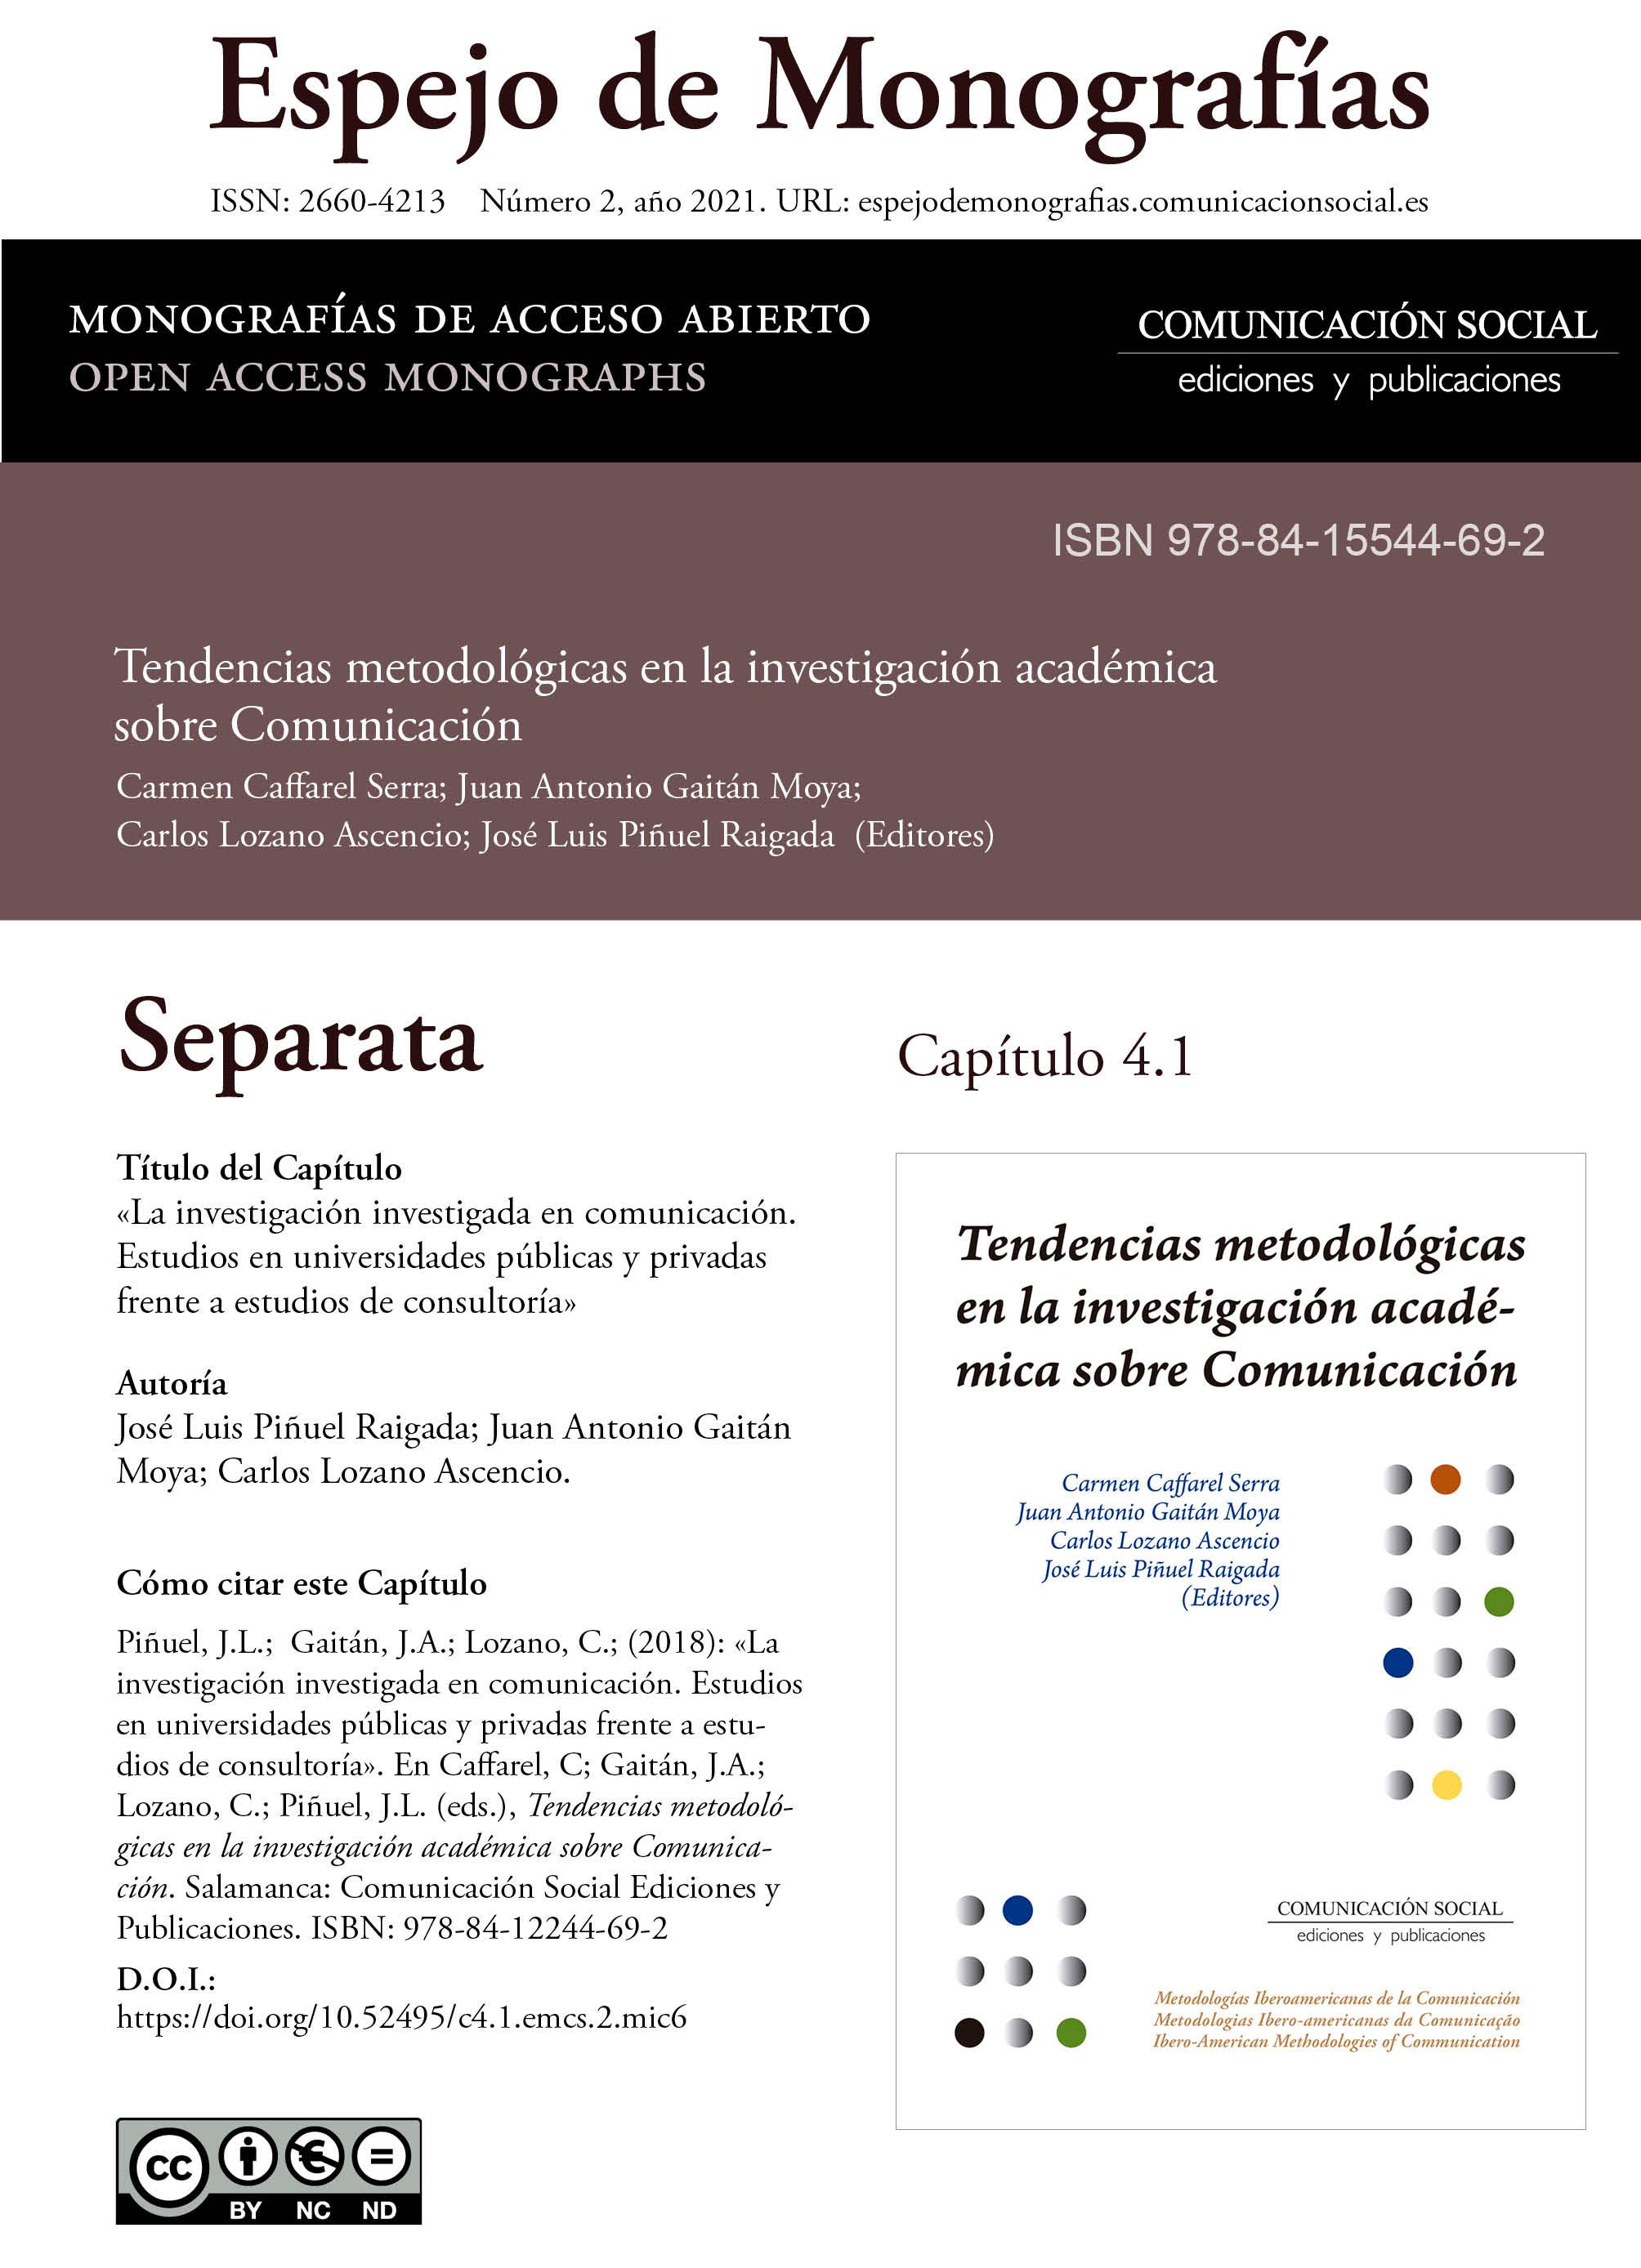 Separata del Capítulo 4.1 correspondiente a la monografía Tendencias metodológicas en la investigación académica en Comunicación